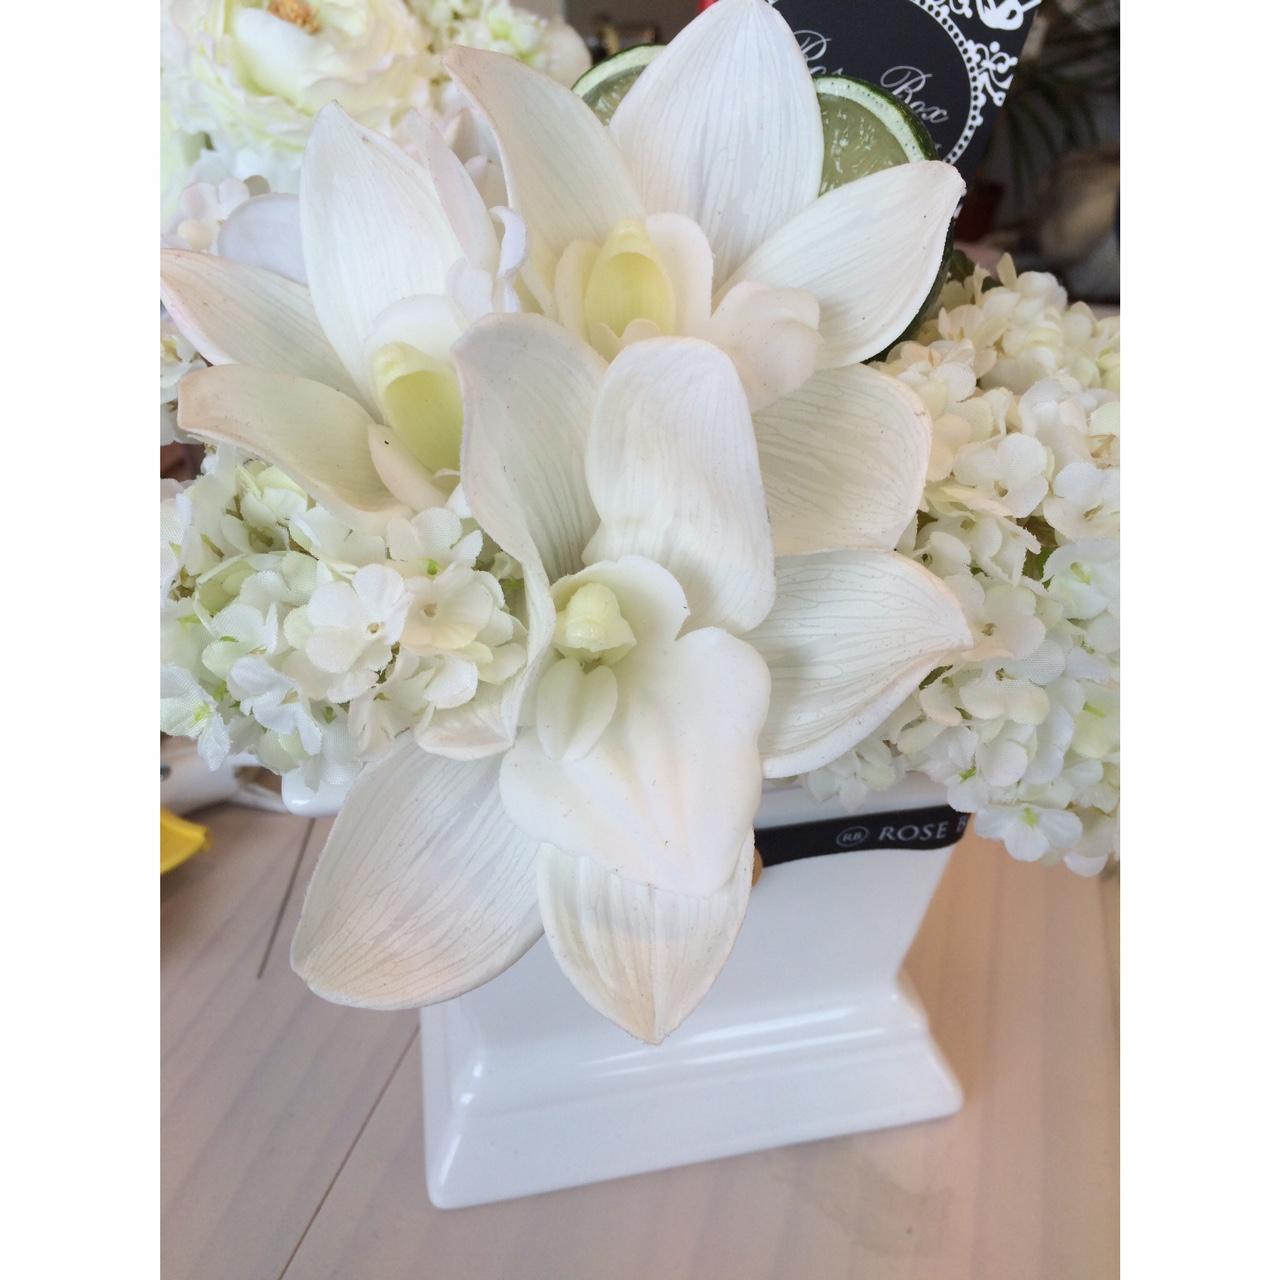 【 和歌山市内 】*◎アーティフィシャルフラワー体験◎*精巧な造花はまるで本物!...